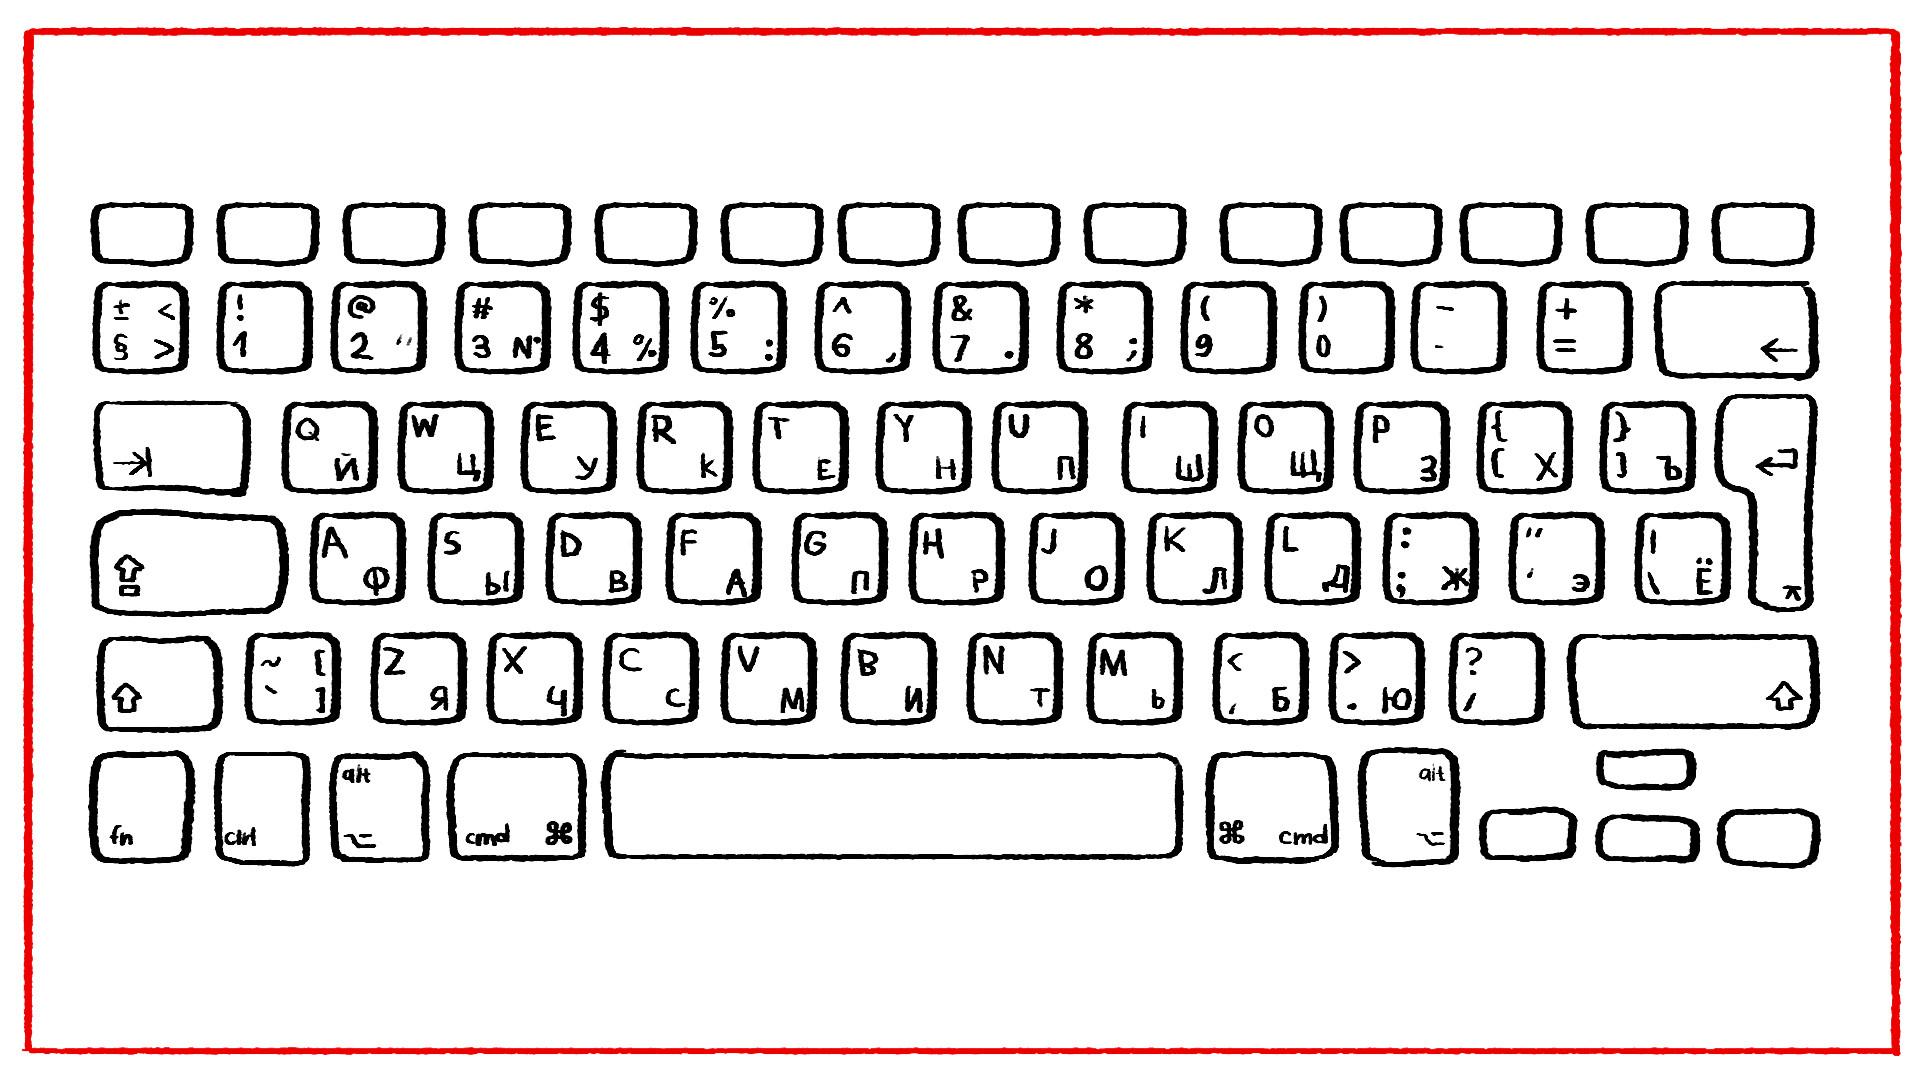 Comment Utiliser Le Clavier Russe Sur Votre Ordinateur serapportantà Clavier Russe En Ligne